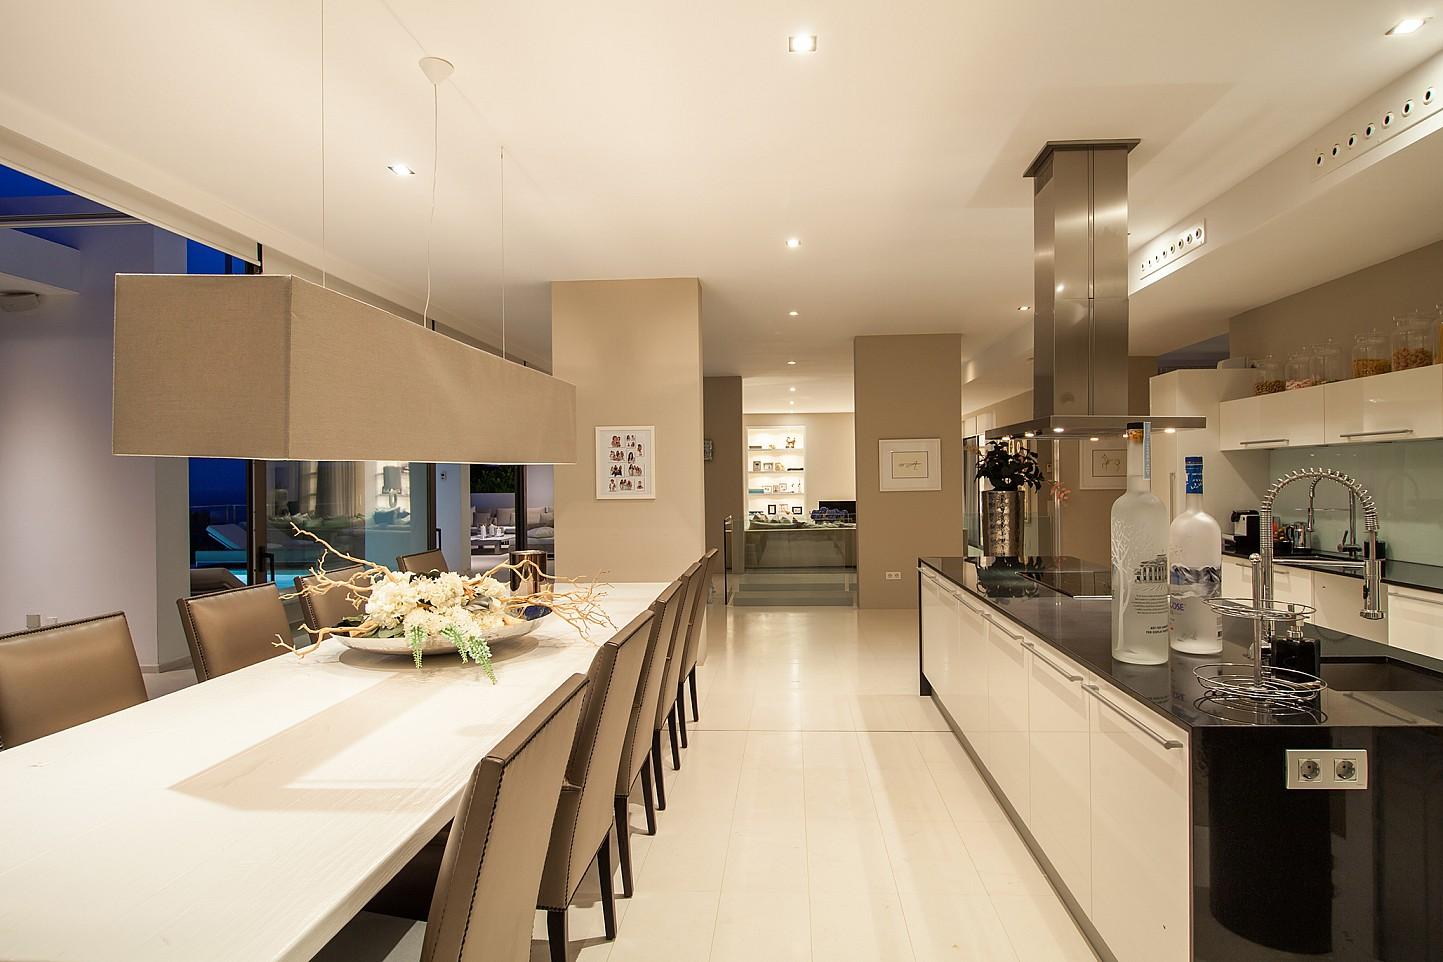 Cuina moderna amb un menjador ampli